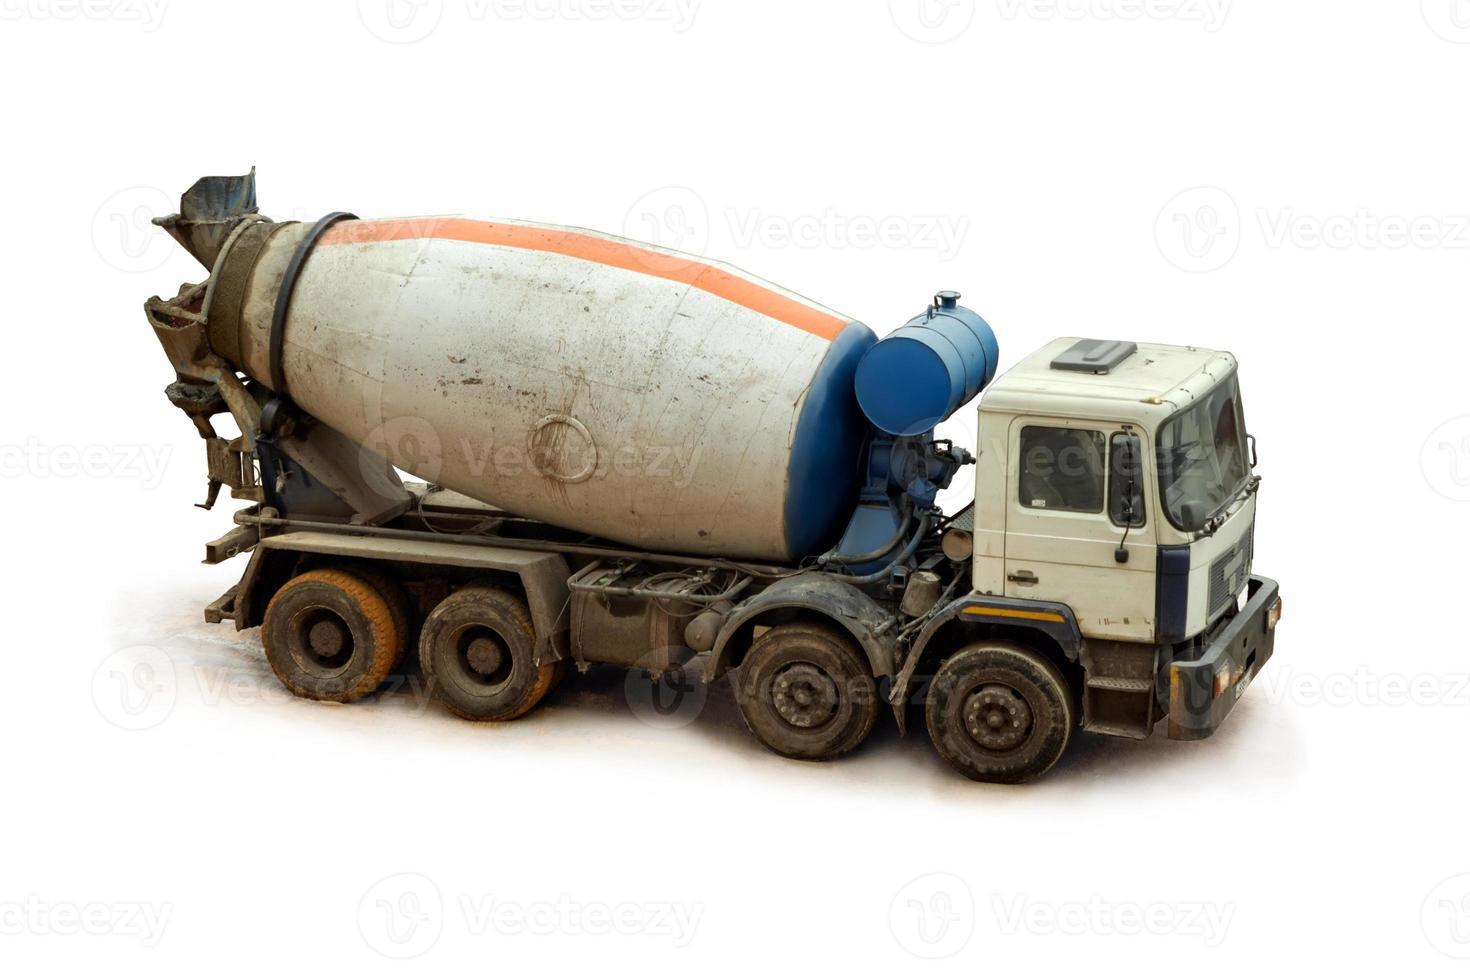 caminhão betoneira. foto